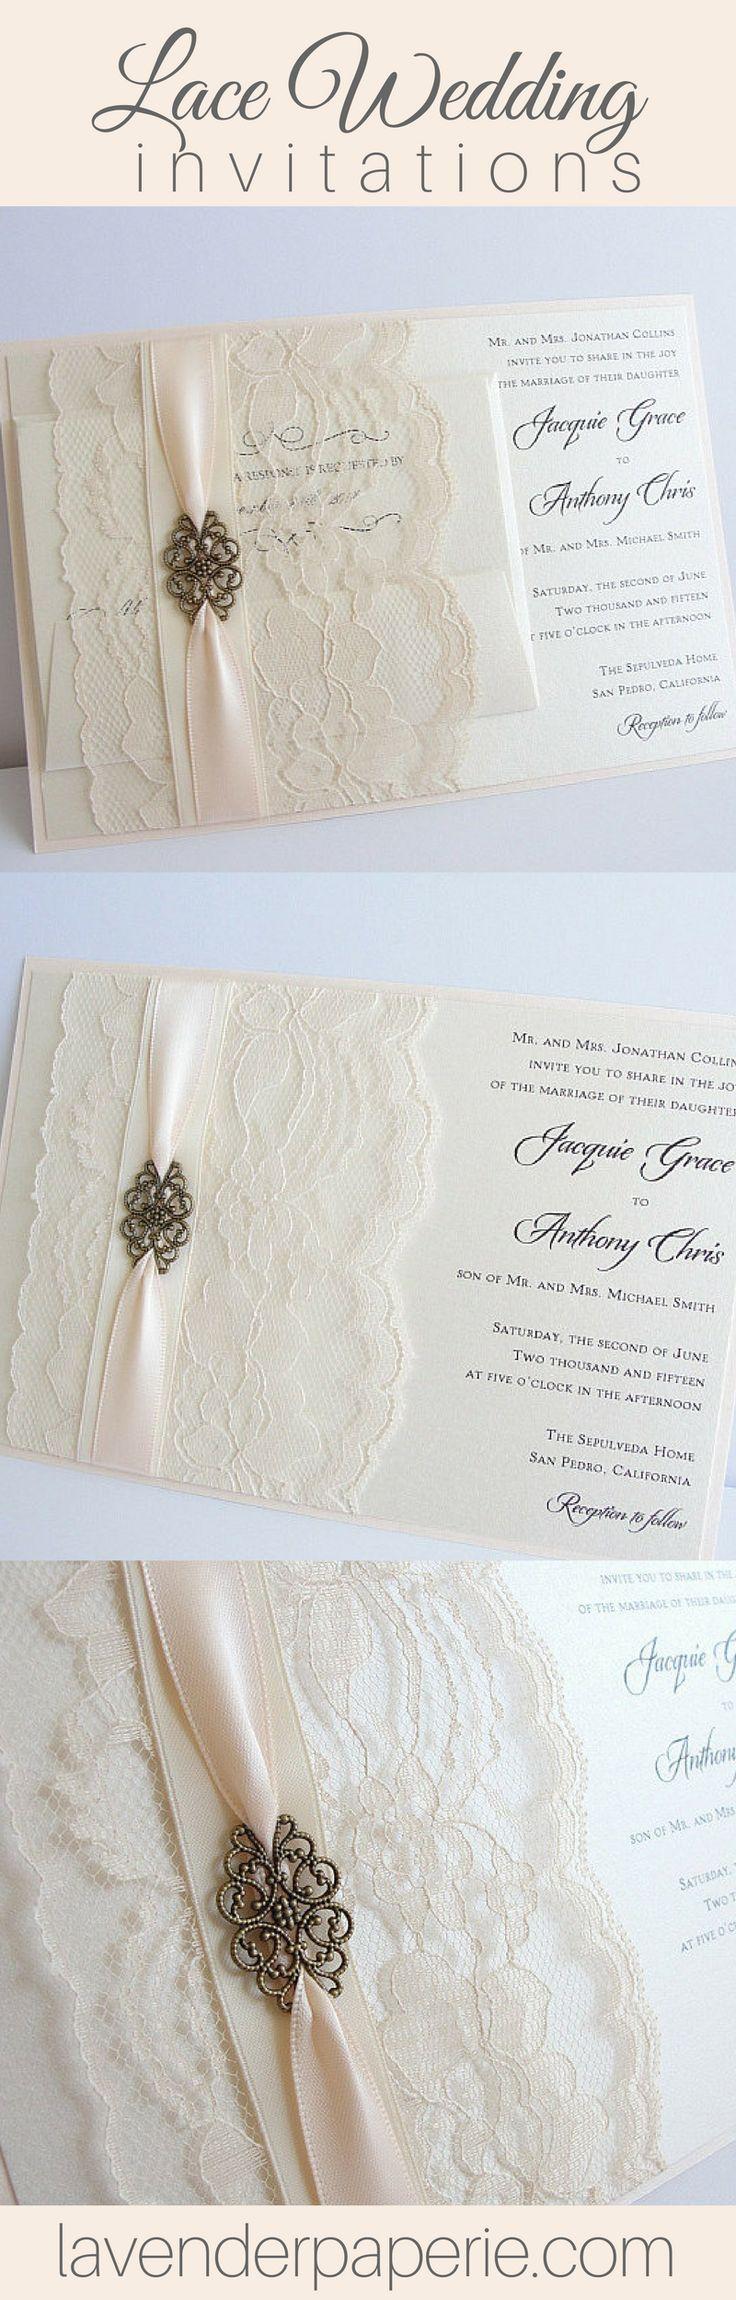 vintage doily wedding invitations%0A Filigree  small  Wedding Invites LaceVintage